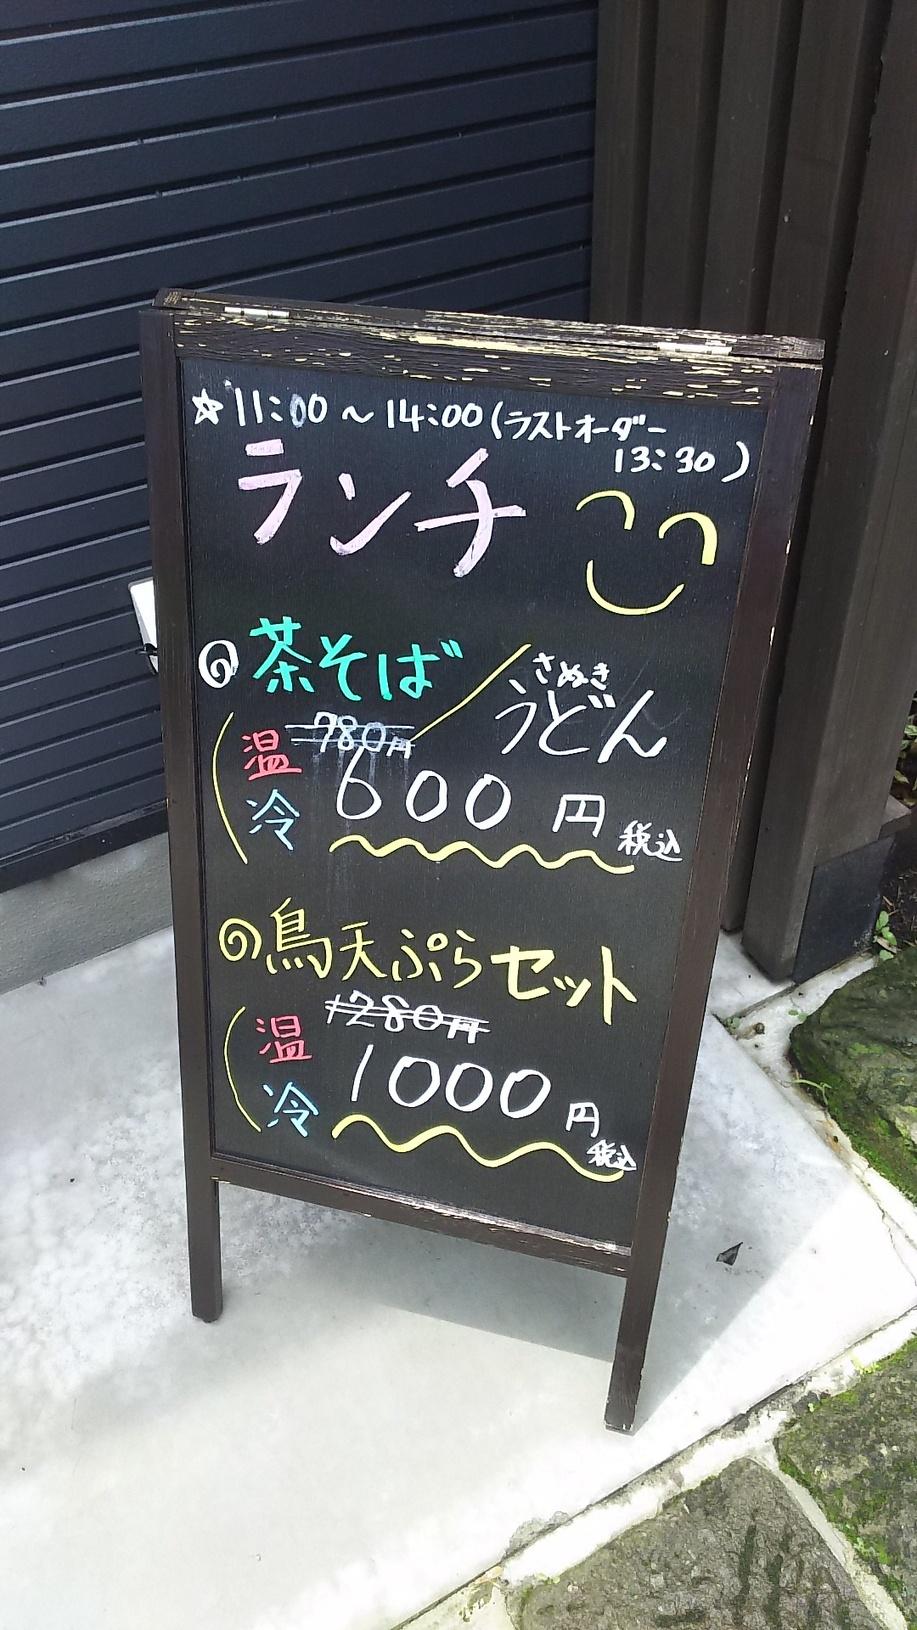 西乃川 都城山田店